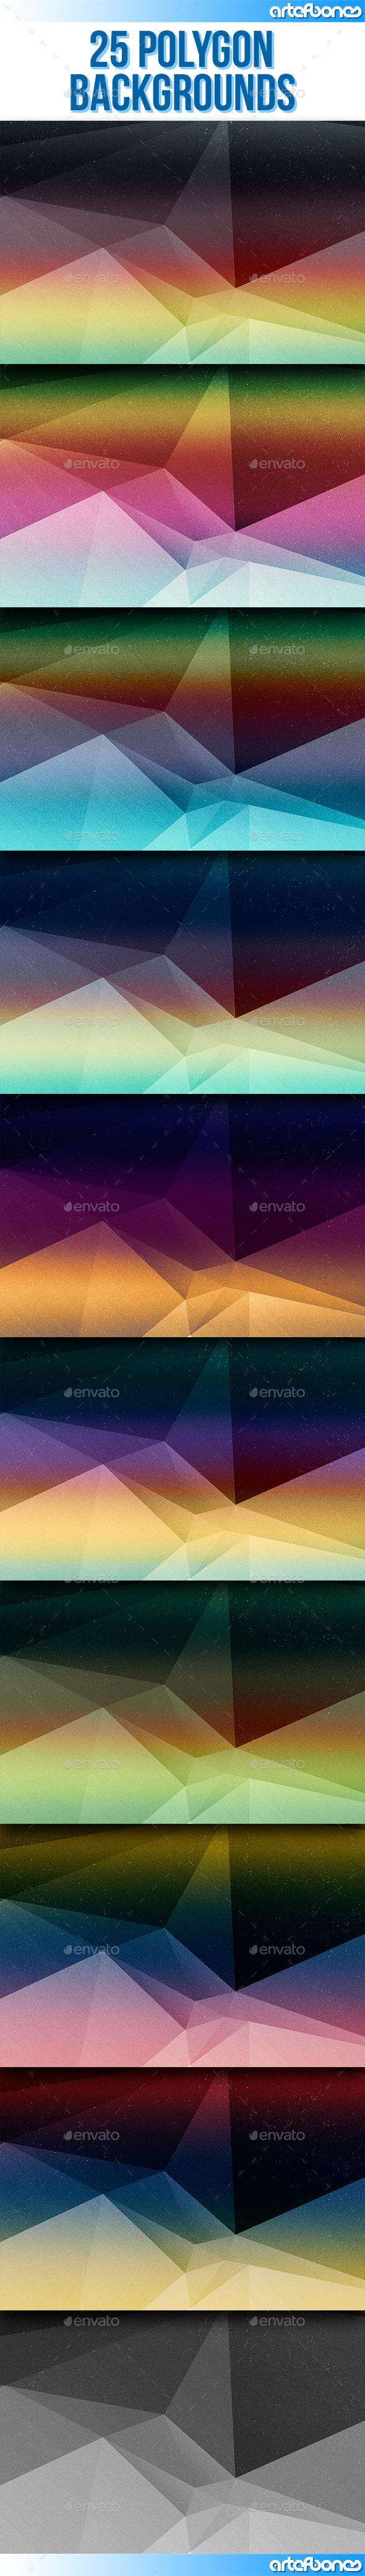 25 Polygon Backgrounds V.2